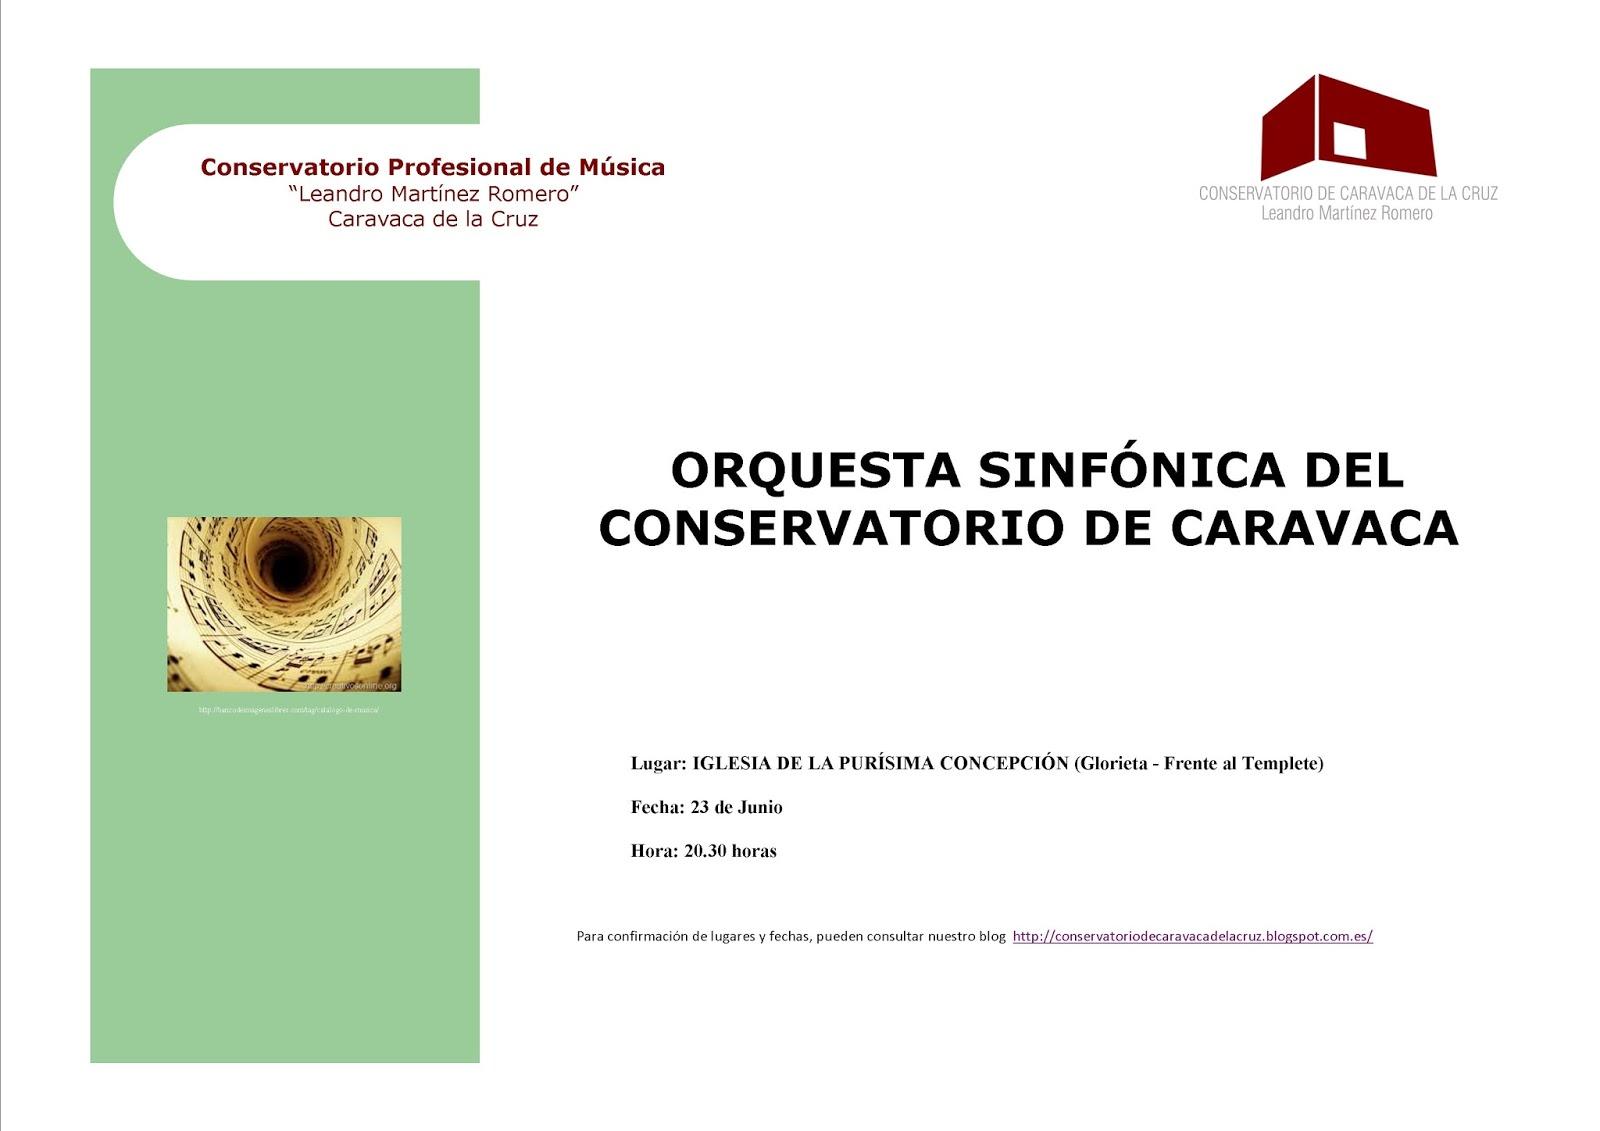 Conservatorio de m sica caravaca de la cruz actividades for Conservatorio de musica